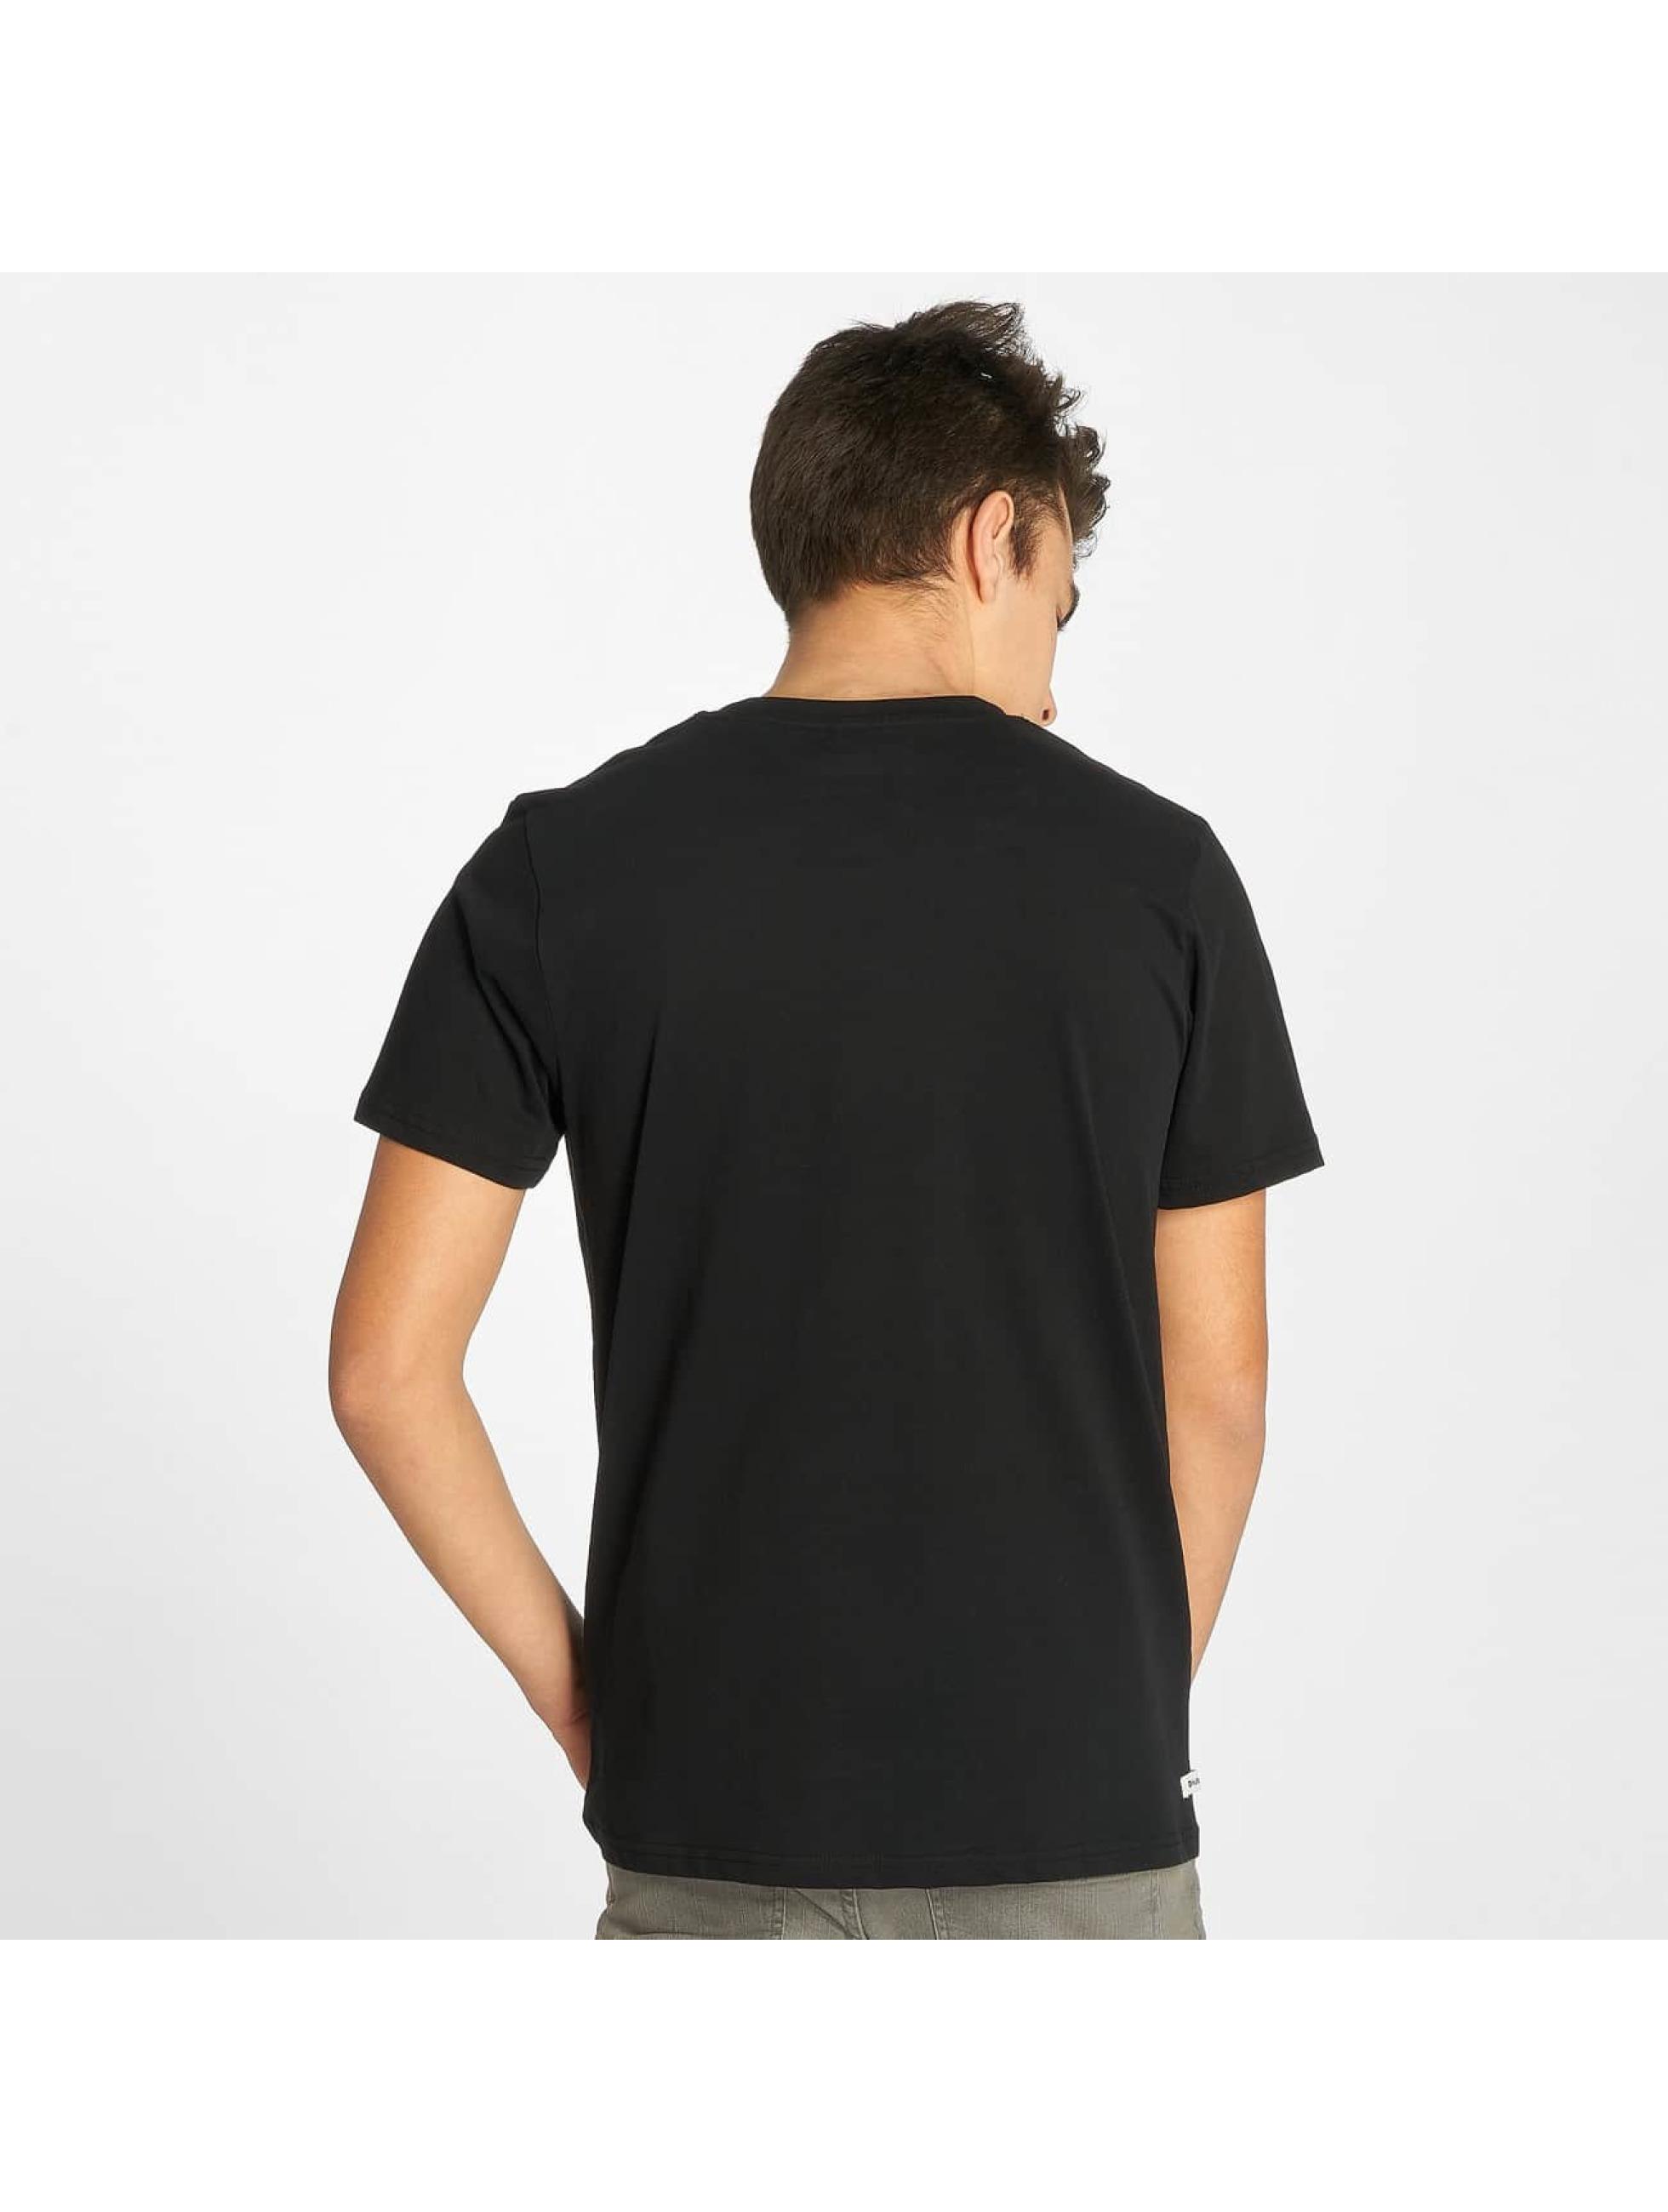 Kulte t-shirt Discovery zwart